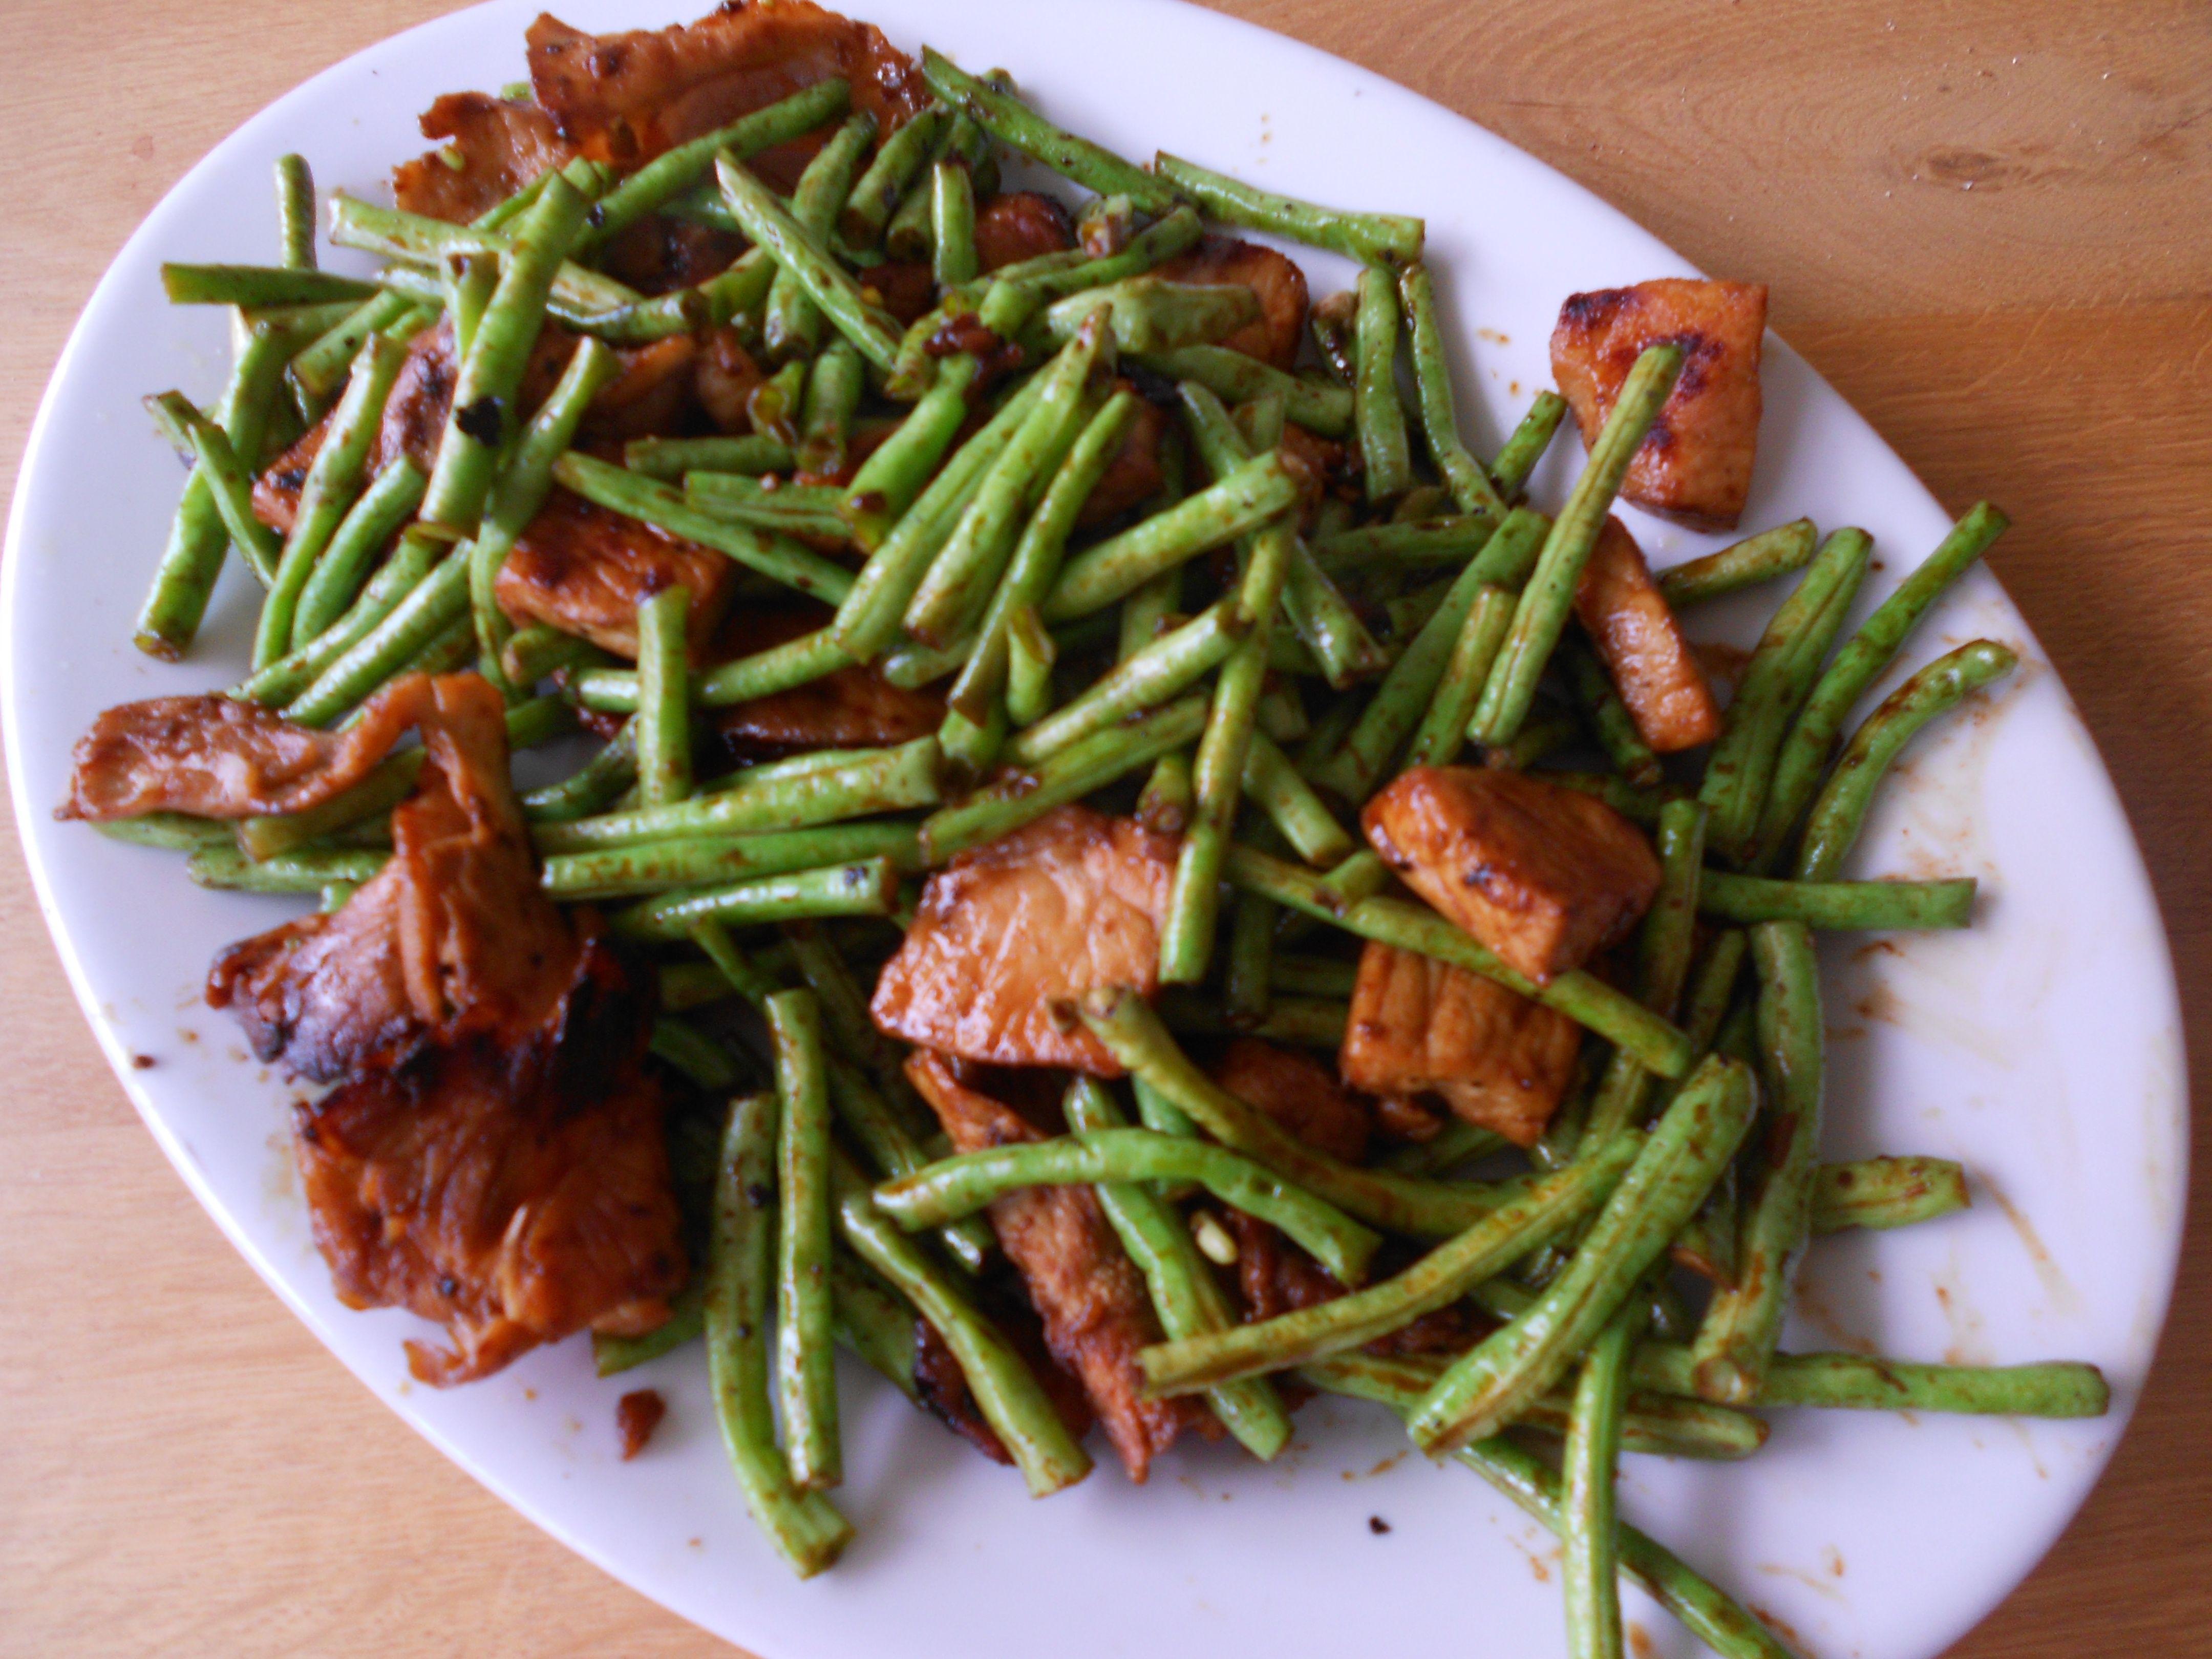 saut%c3%a9 boeuf haricot vert | régime, diététique, sport | pinterest